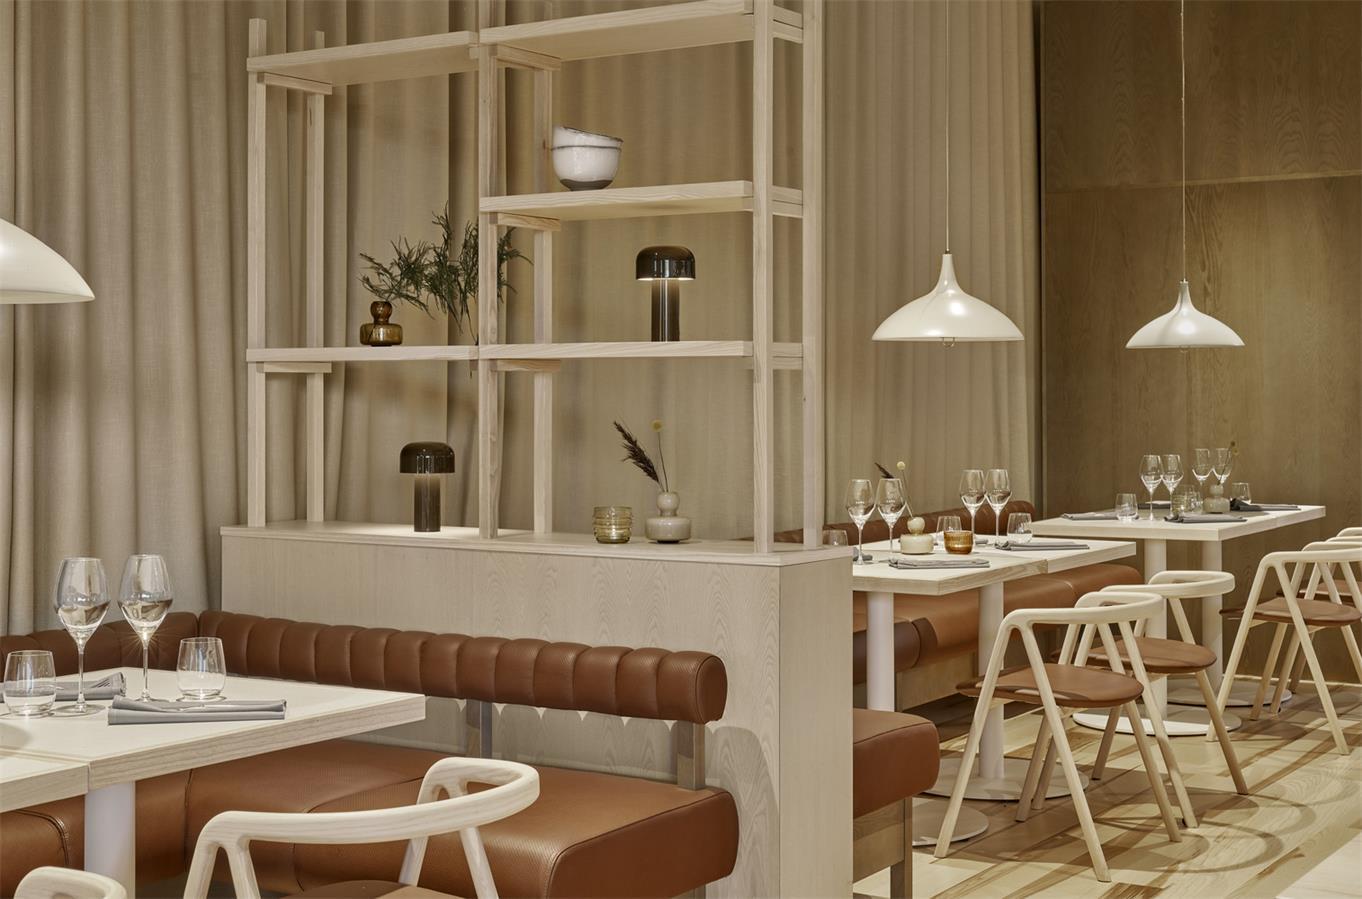 酒店餐厅装饰架隔断设计